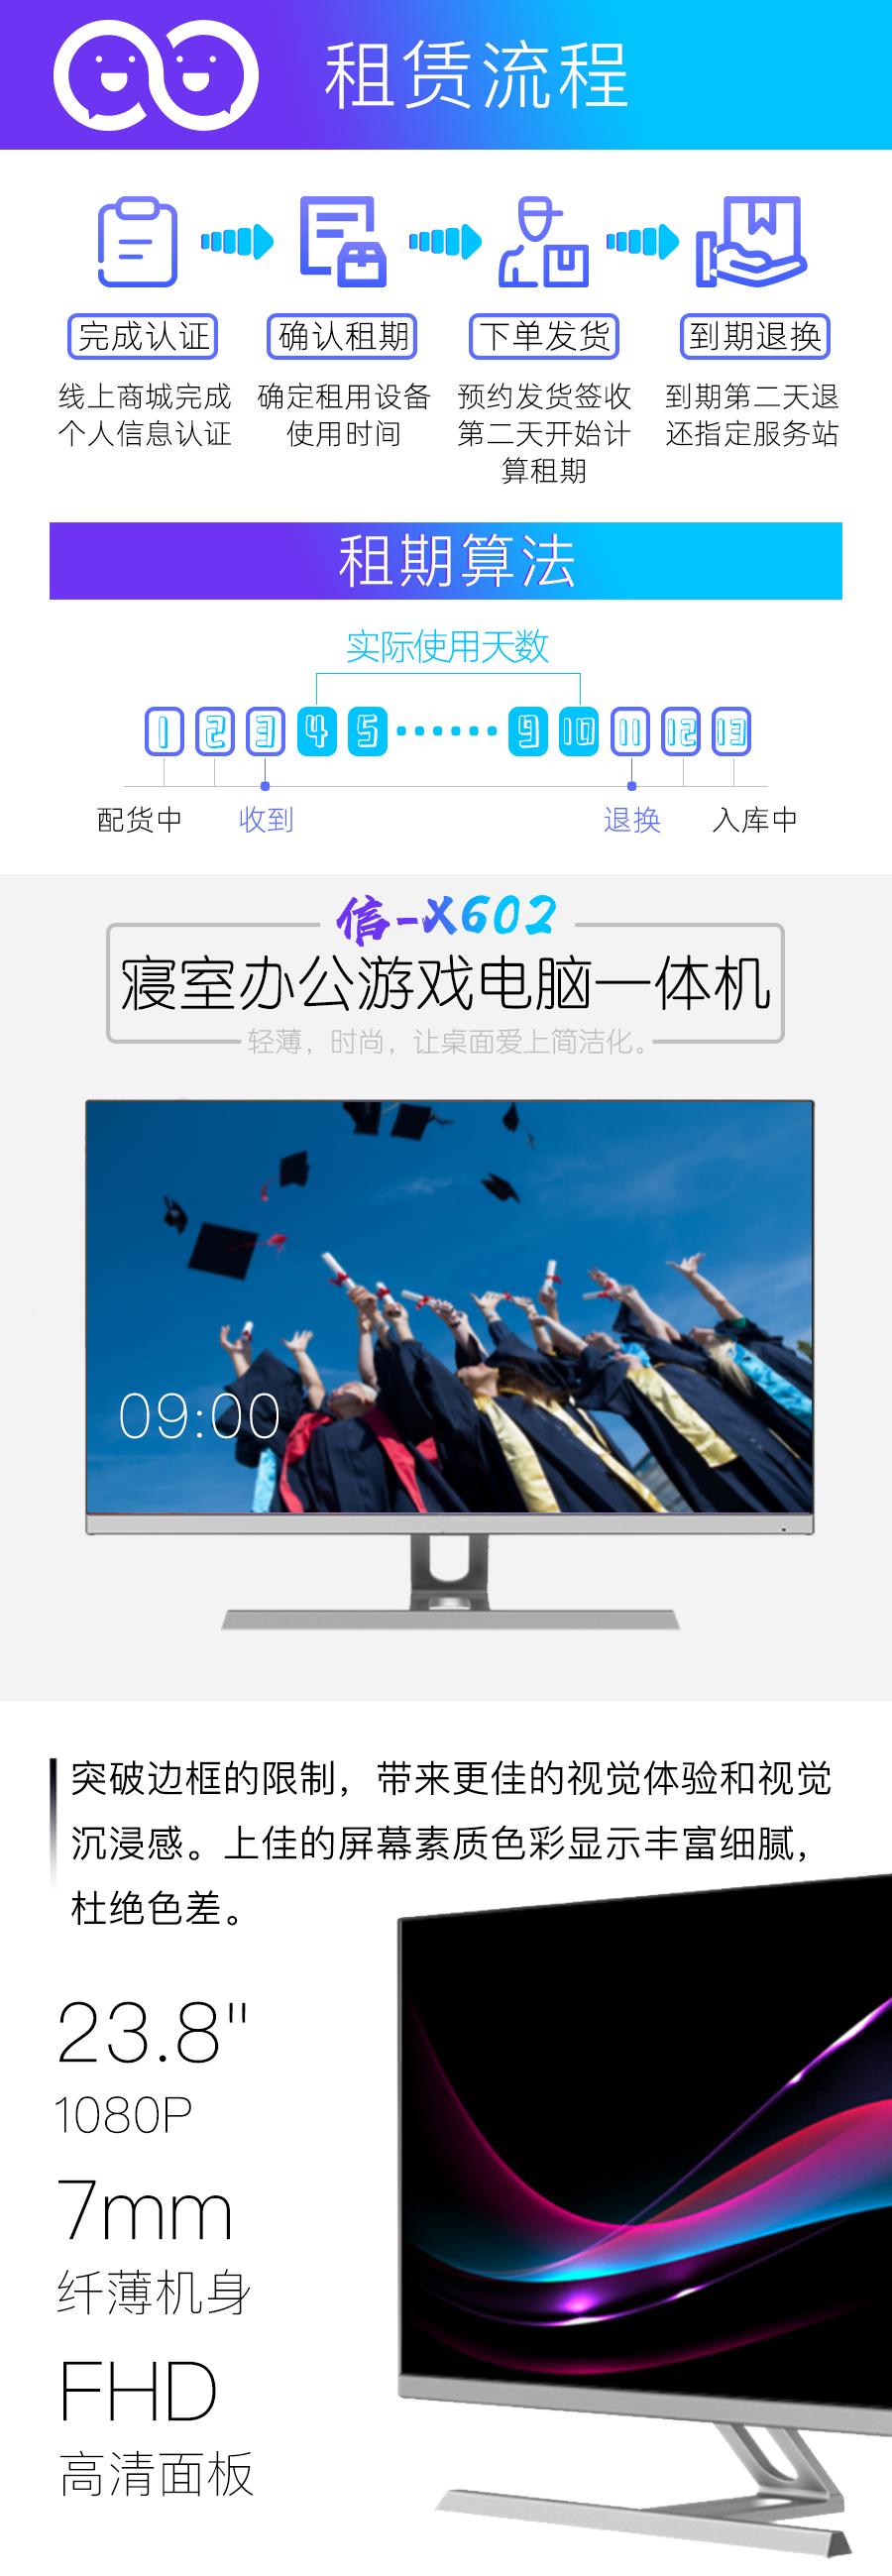 信-x602.png